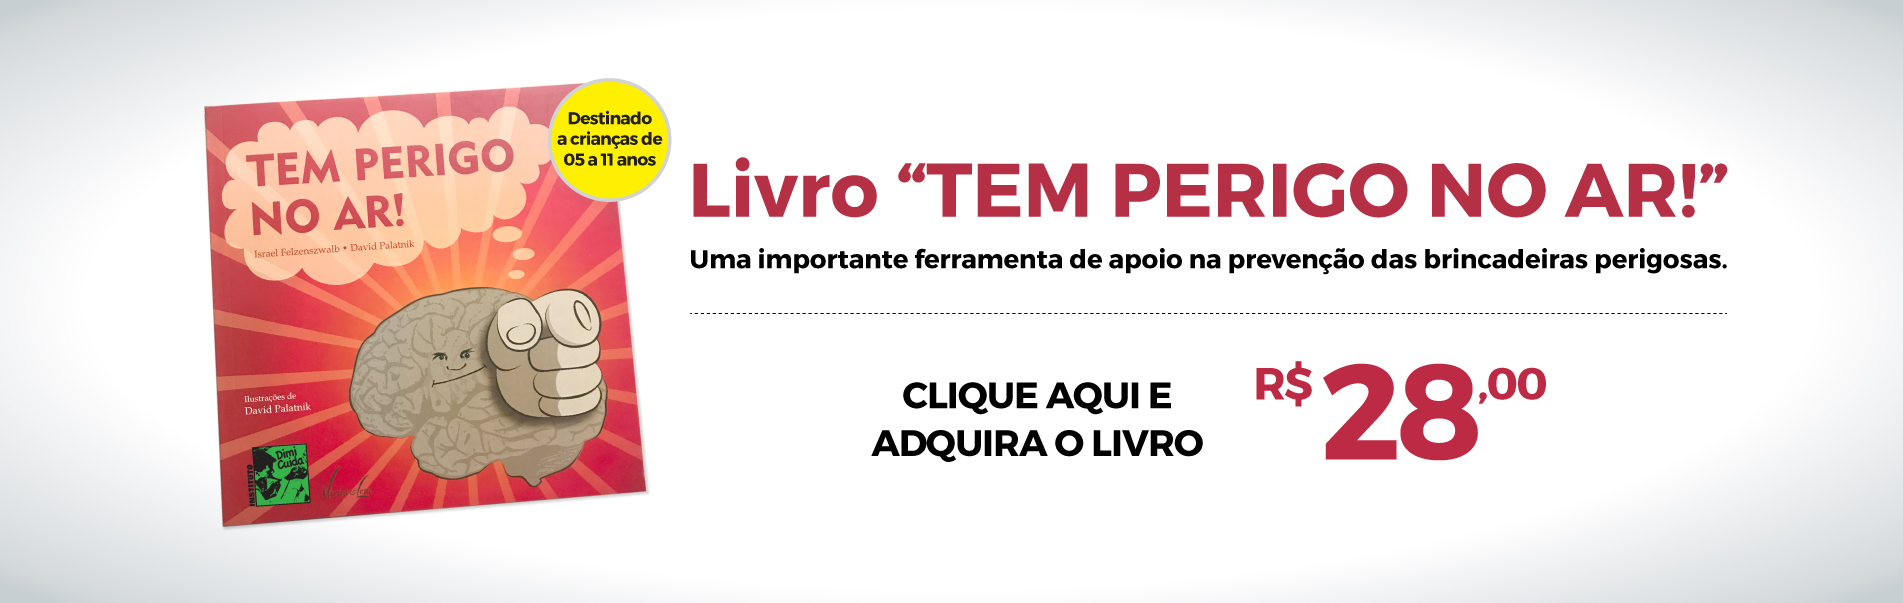 (Português) Livro Tem Perigo no Ar